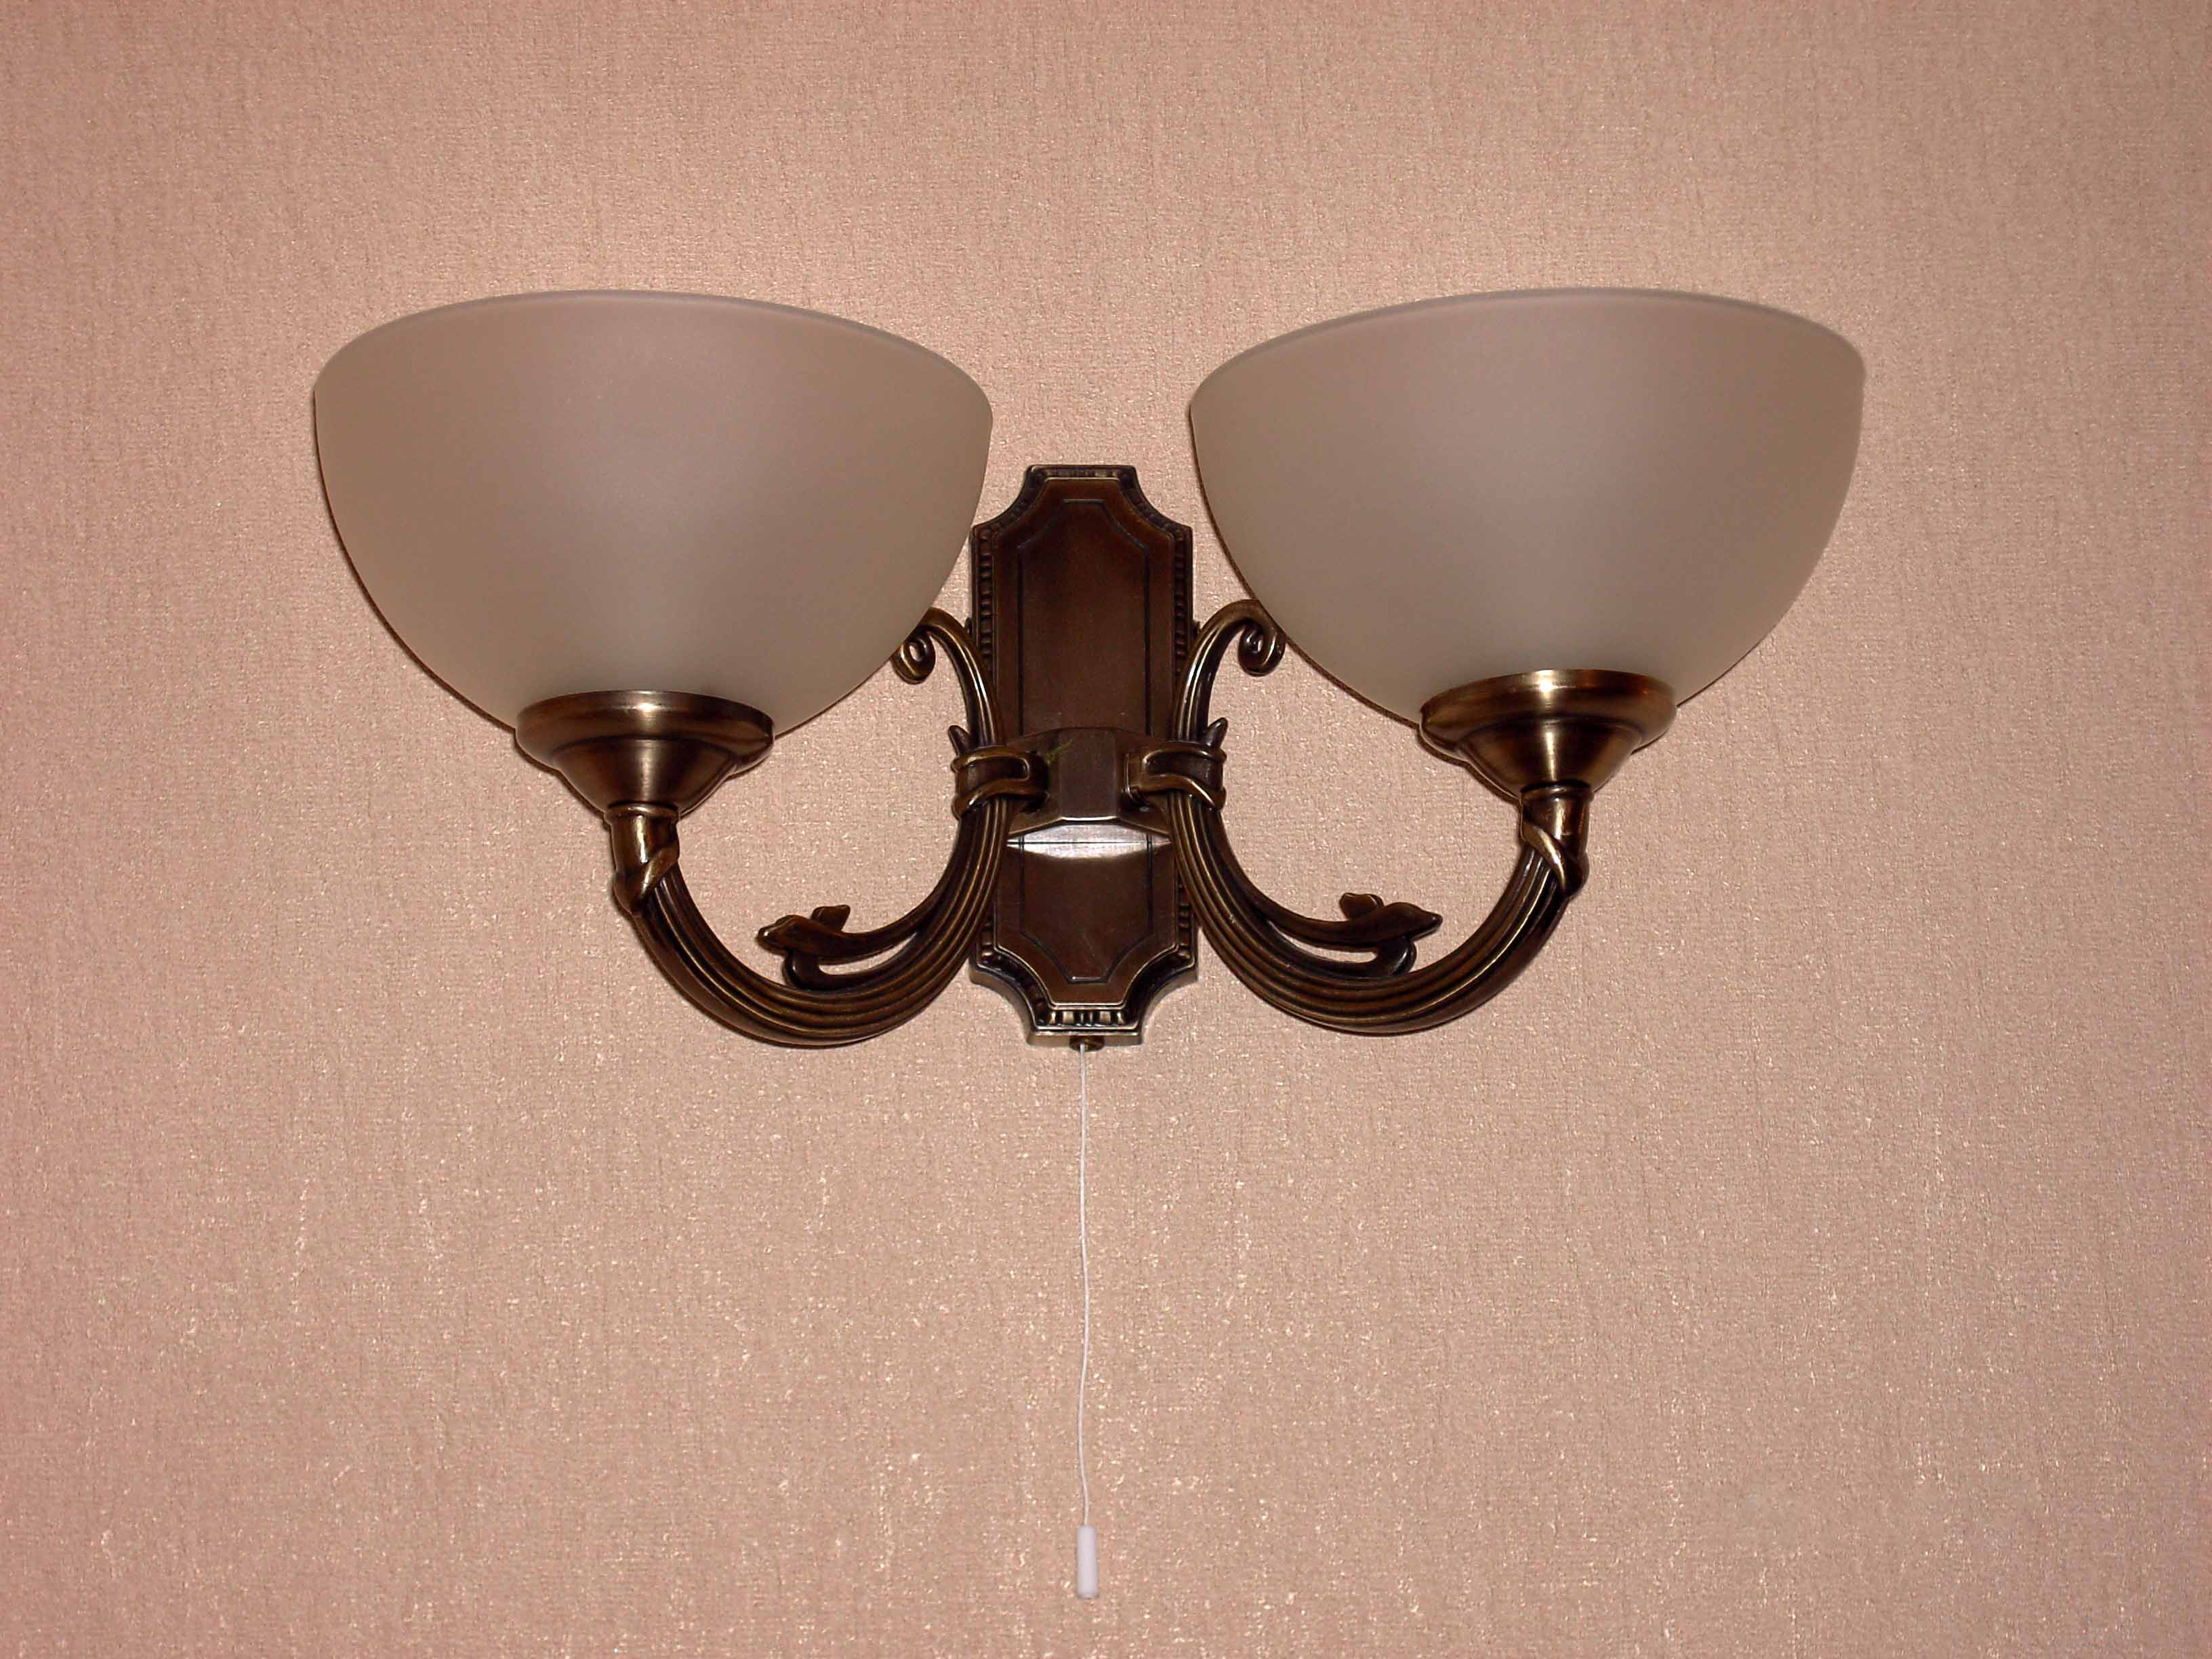 Установка светильника: от проводки до выключателя